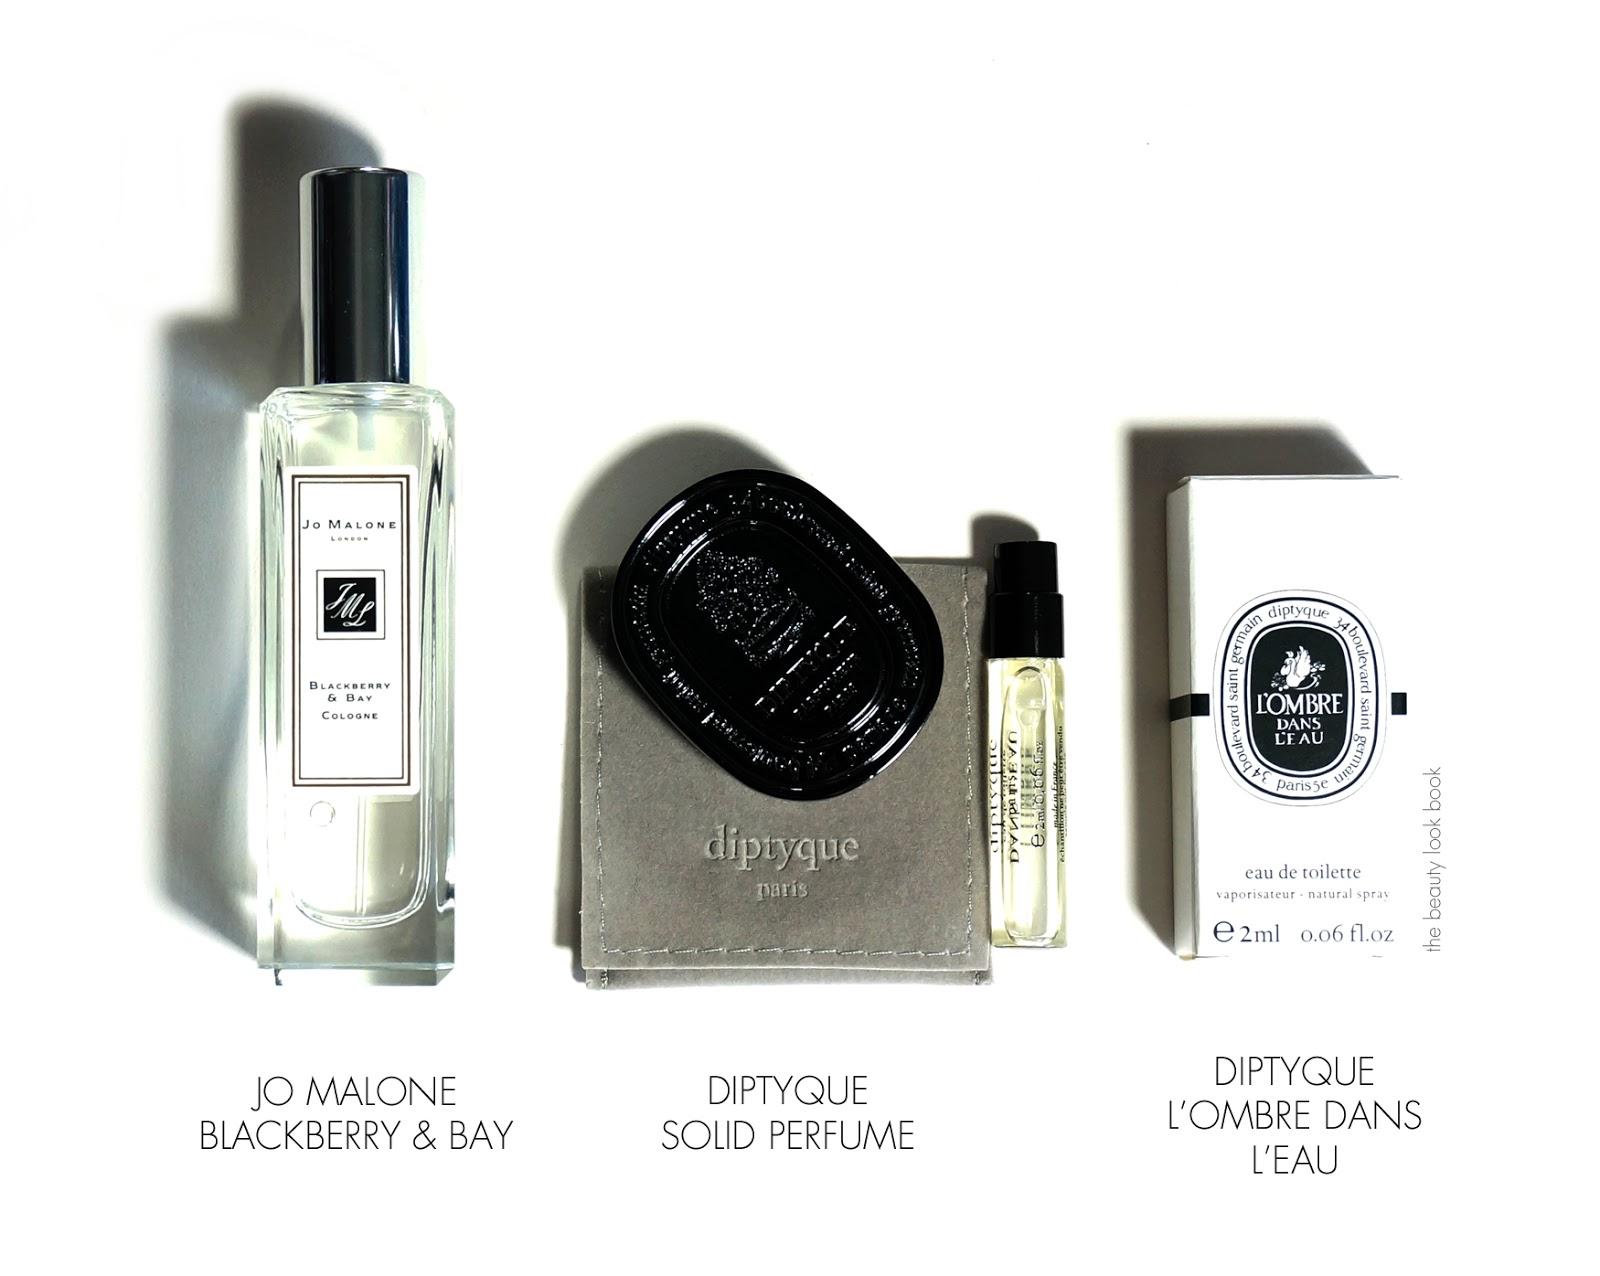 Diptyque L'Ombre dans l'Eau Solid Perfume   The Beauty Look Book